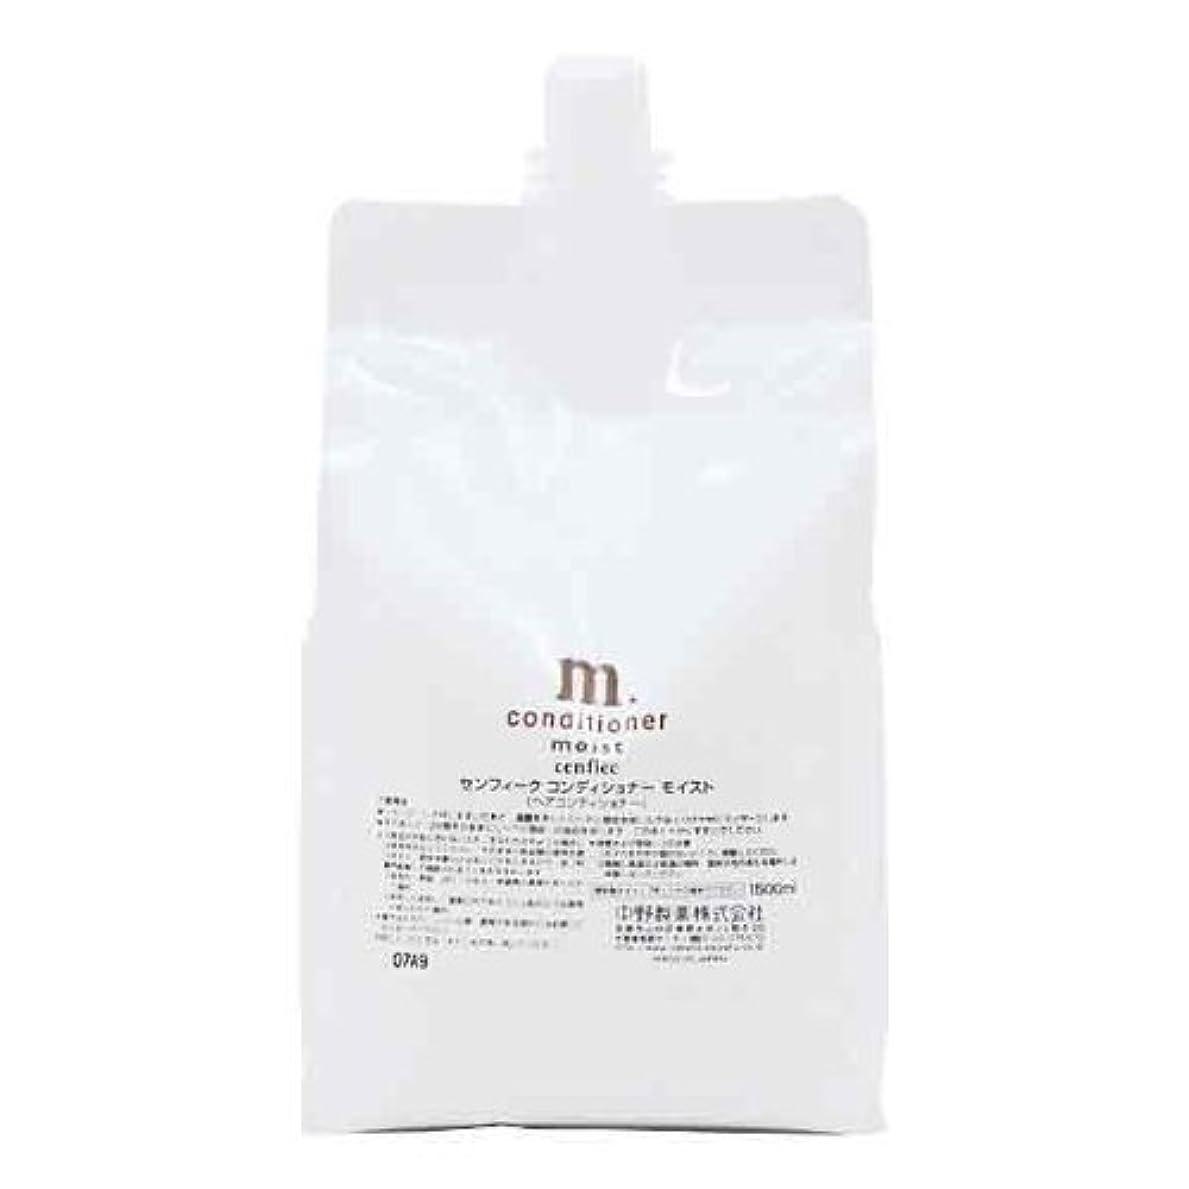 マークされたリンケージ染色中野製薬 センフィーク コンディショナー モイスト レフィル 容量1500ml